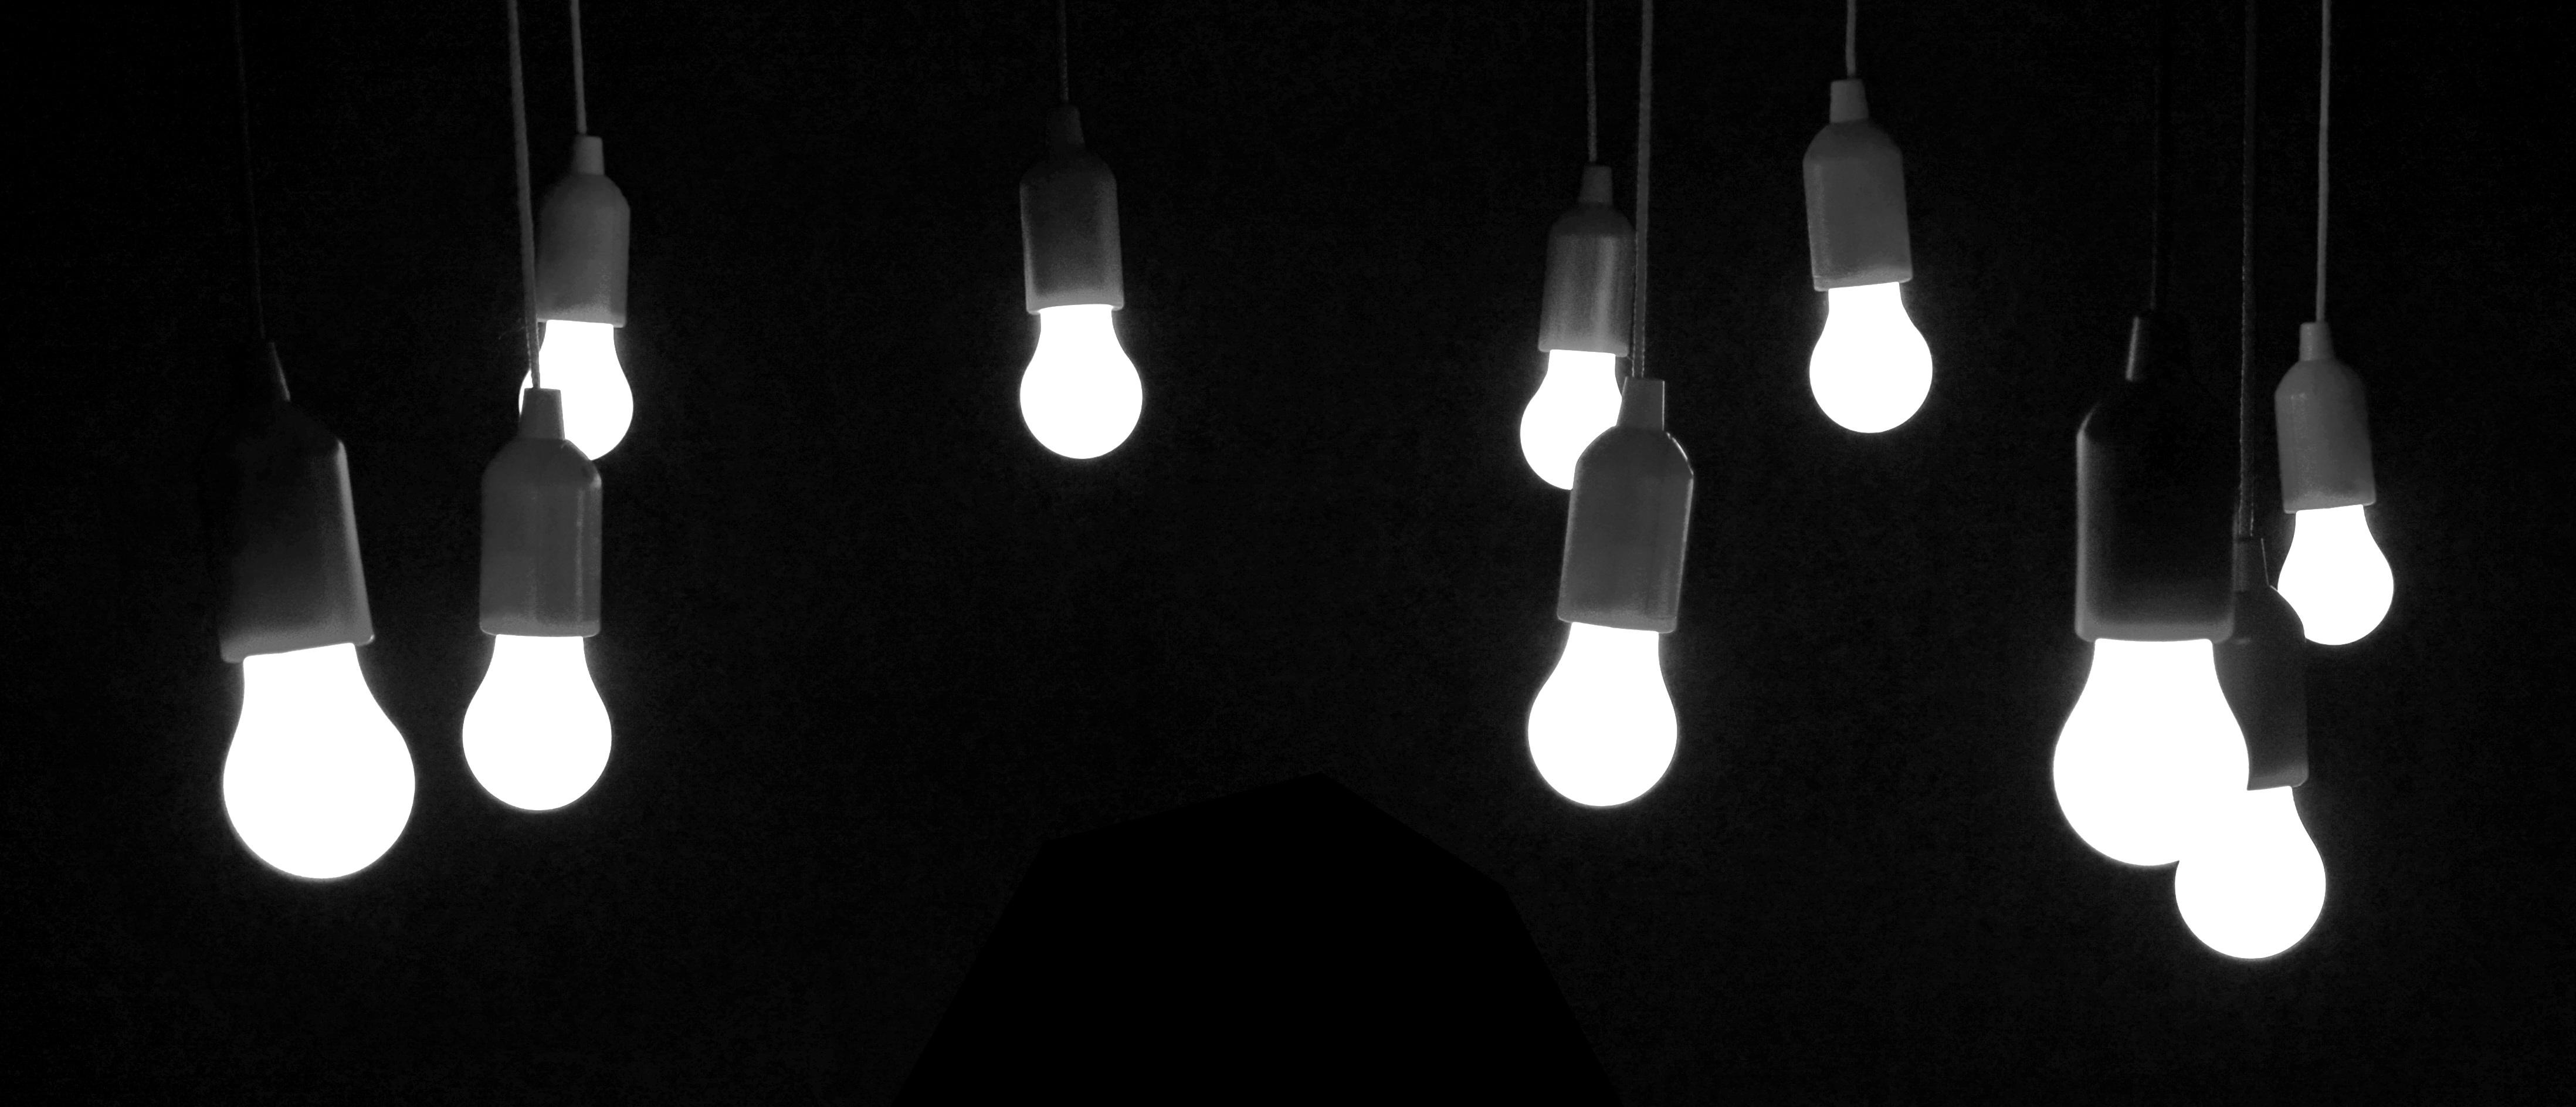 Fotos Gratis : Ligero, Abstracto, En Blanco Y Negro